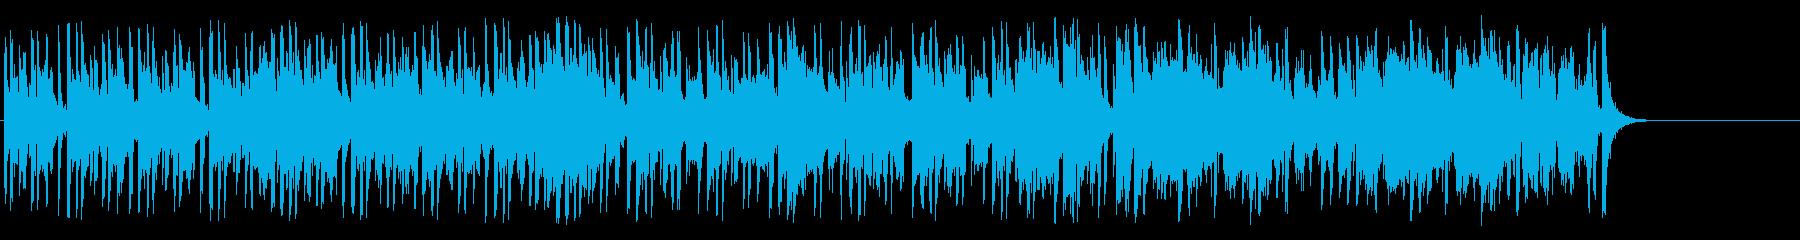 情報番組向けのんきなポップの再生済みの波形